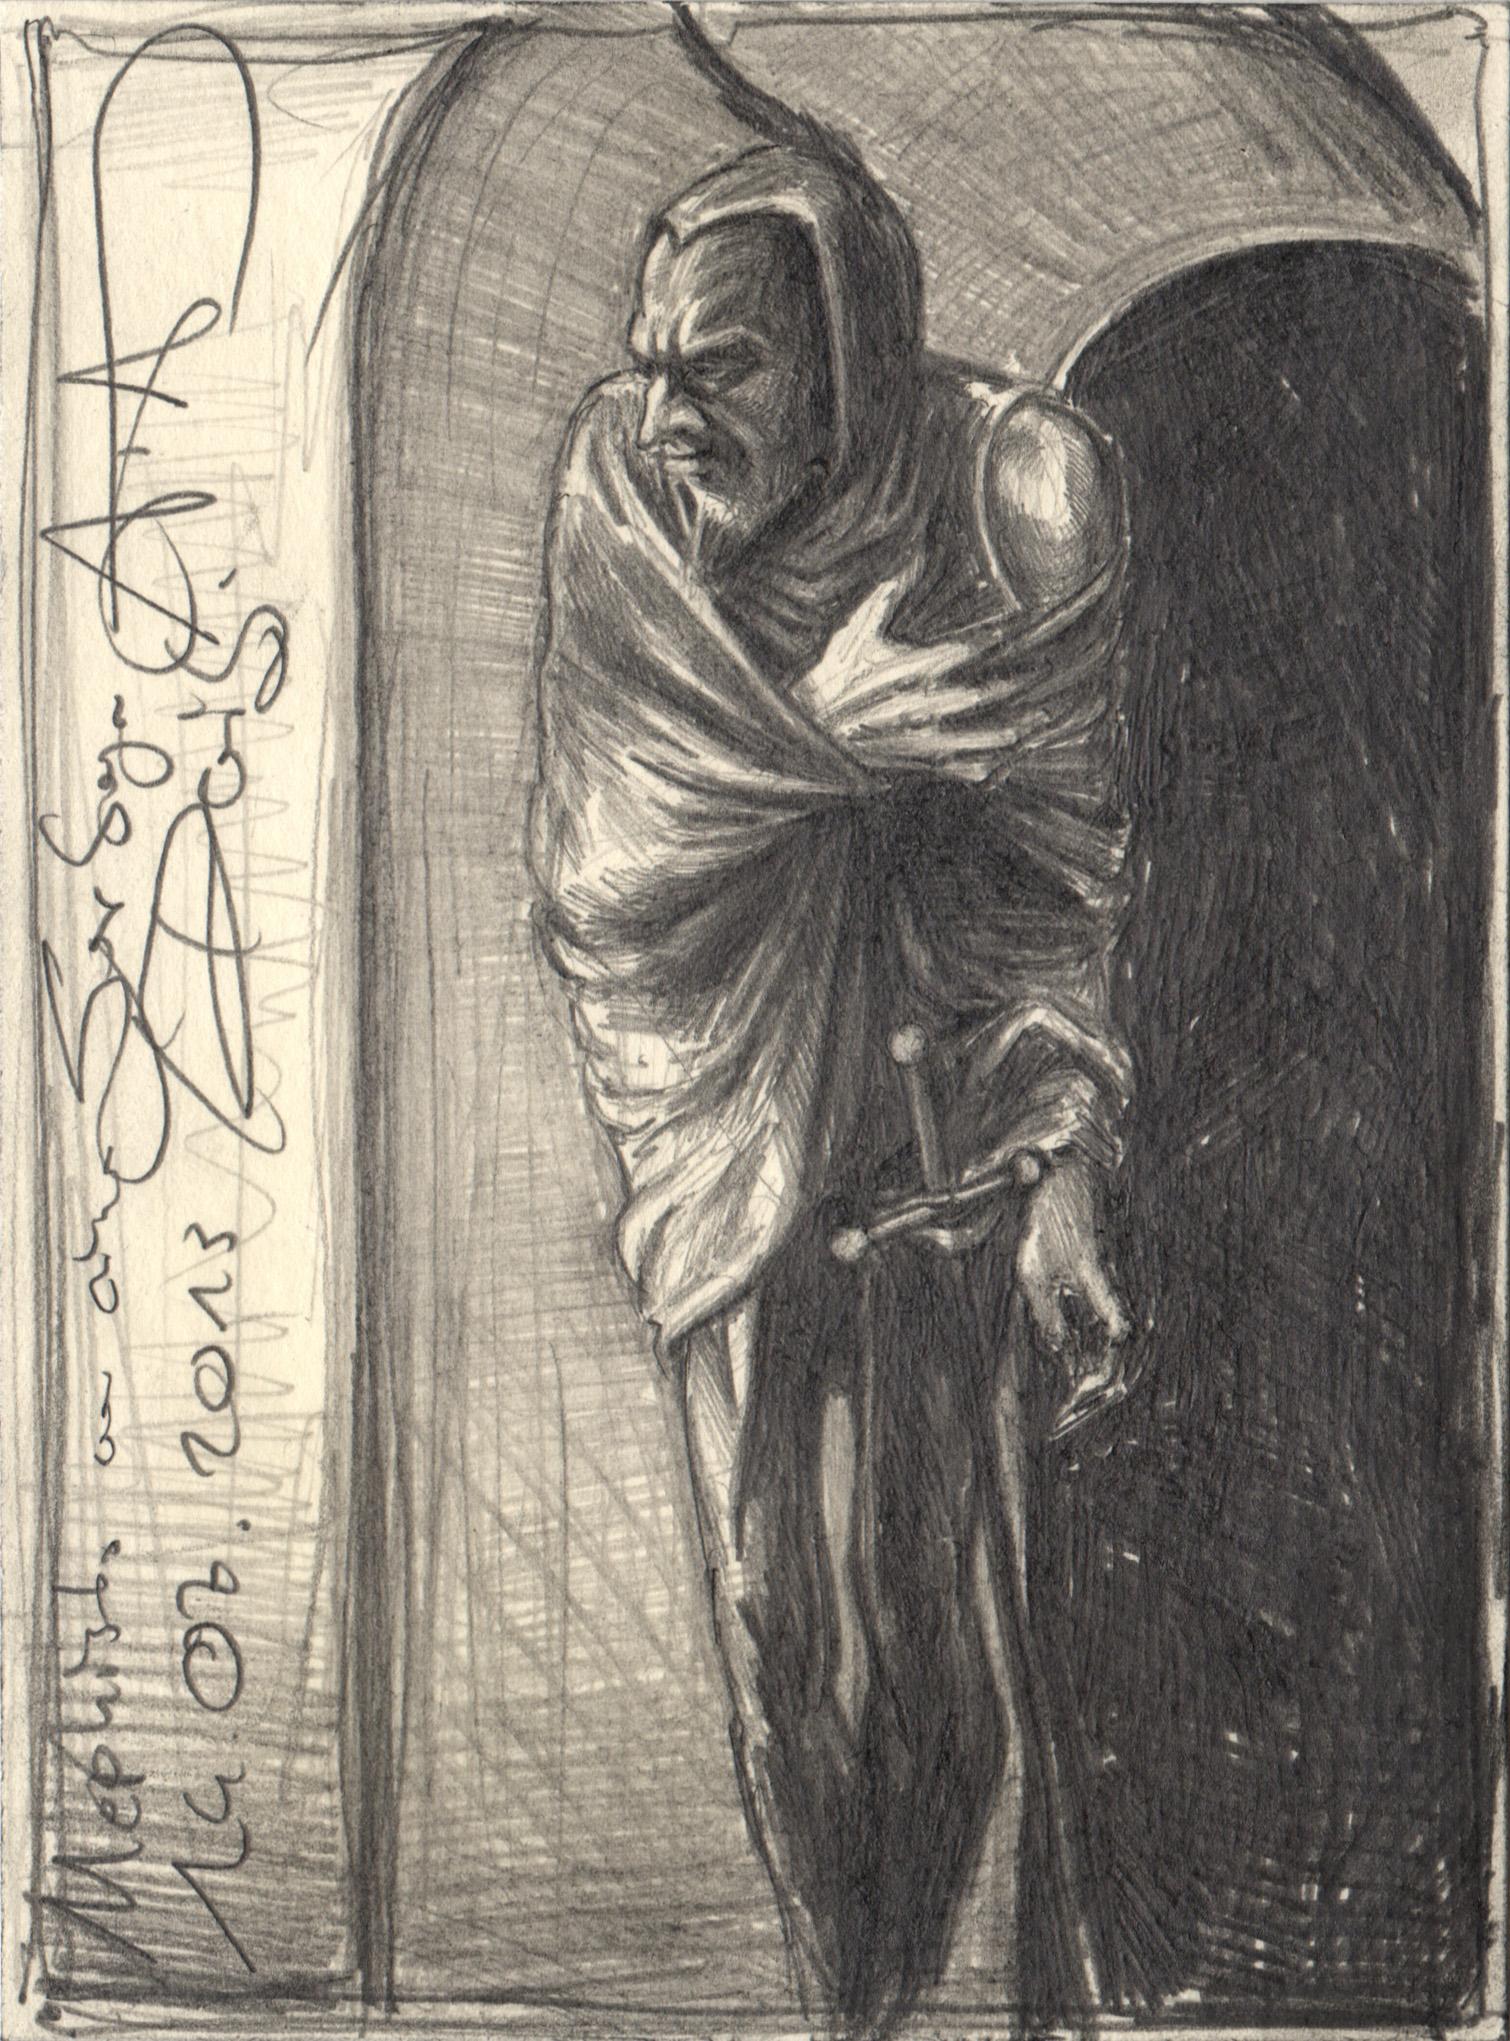 Mephisto Final